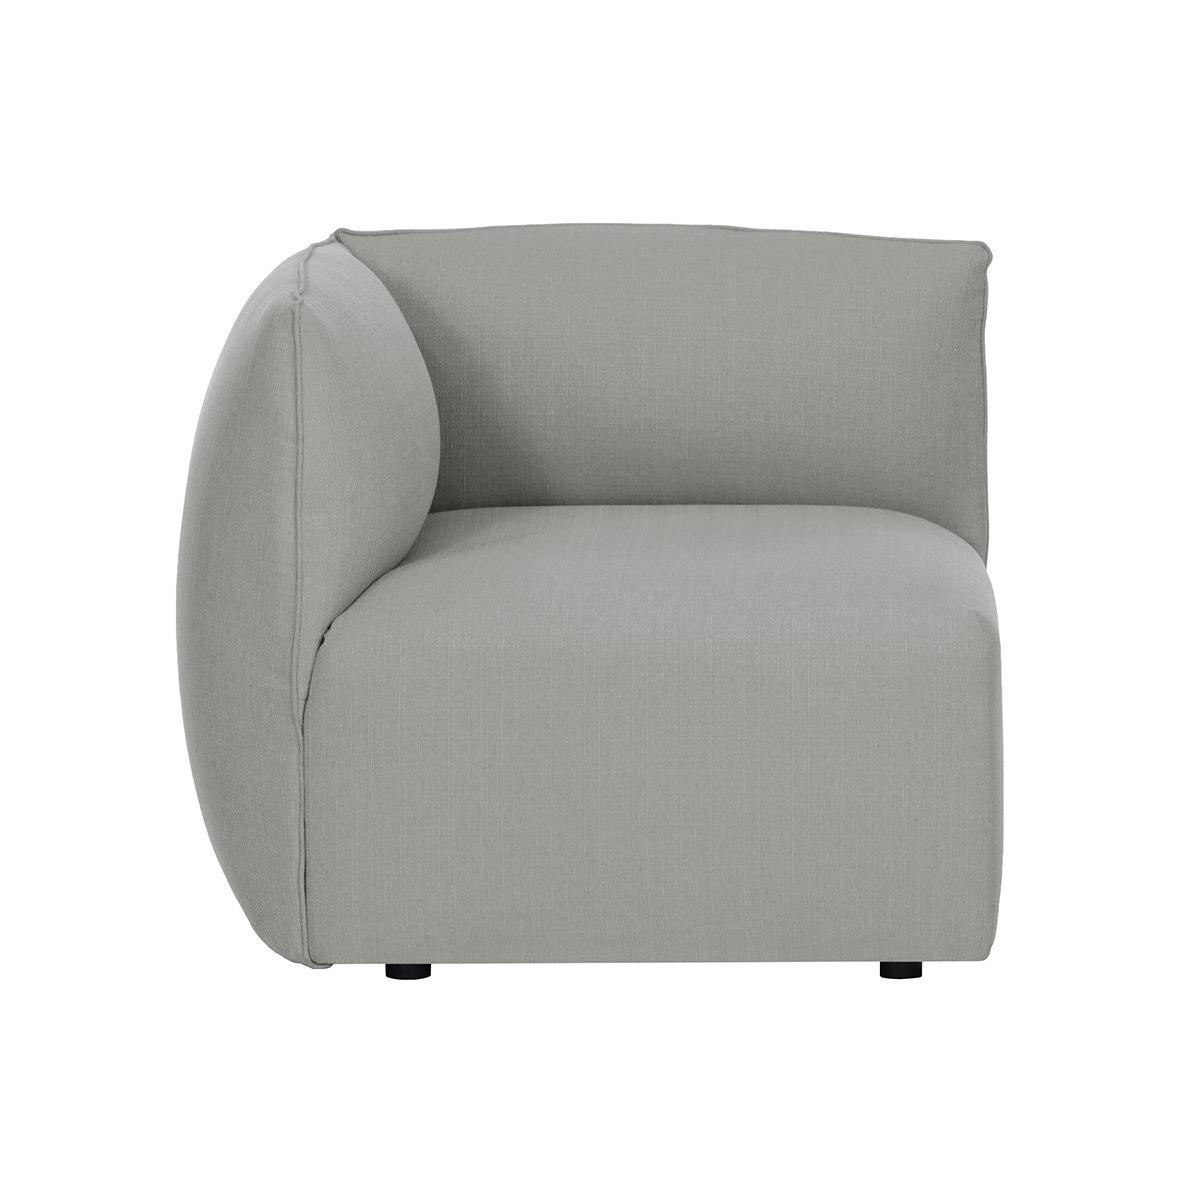 Angolo divano design Grigio MODULO